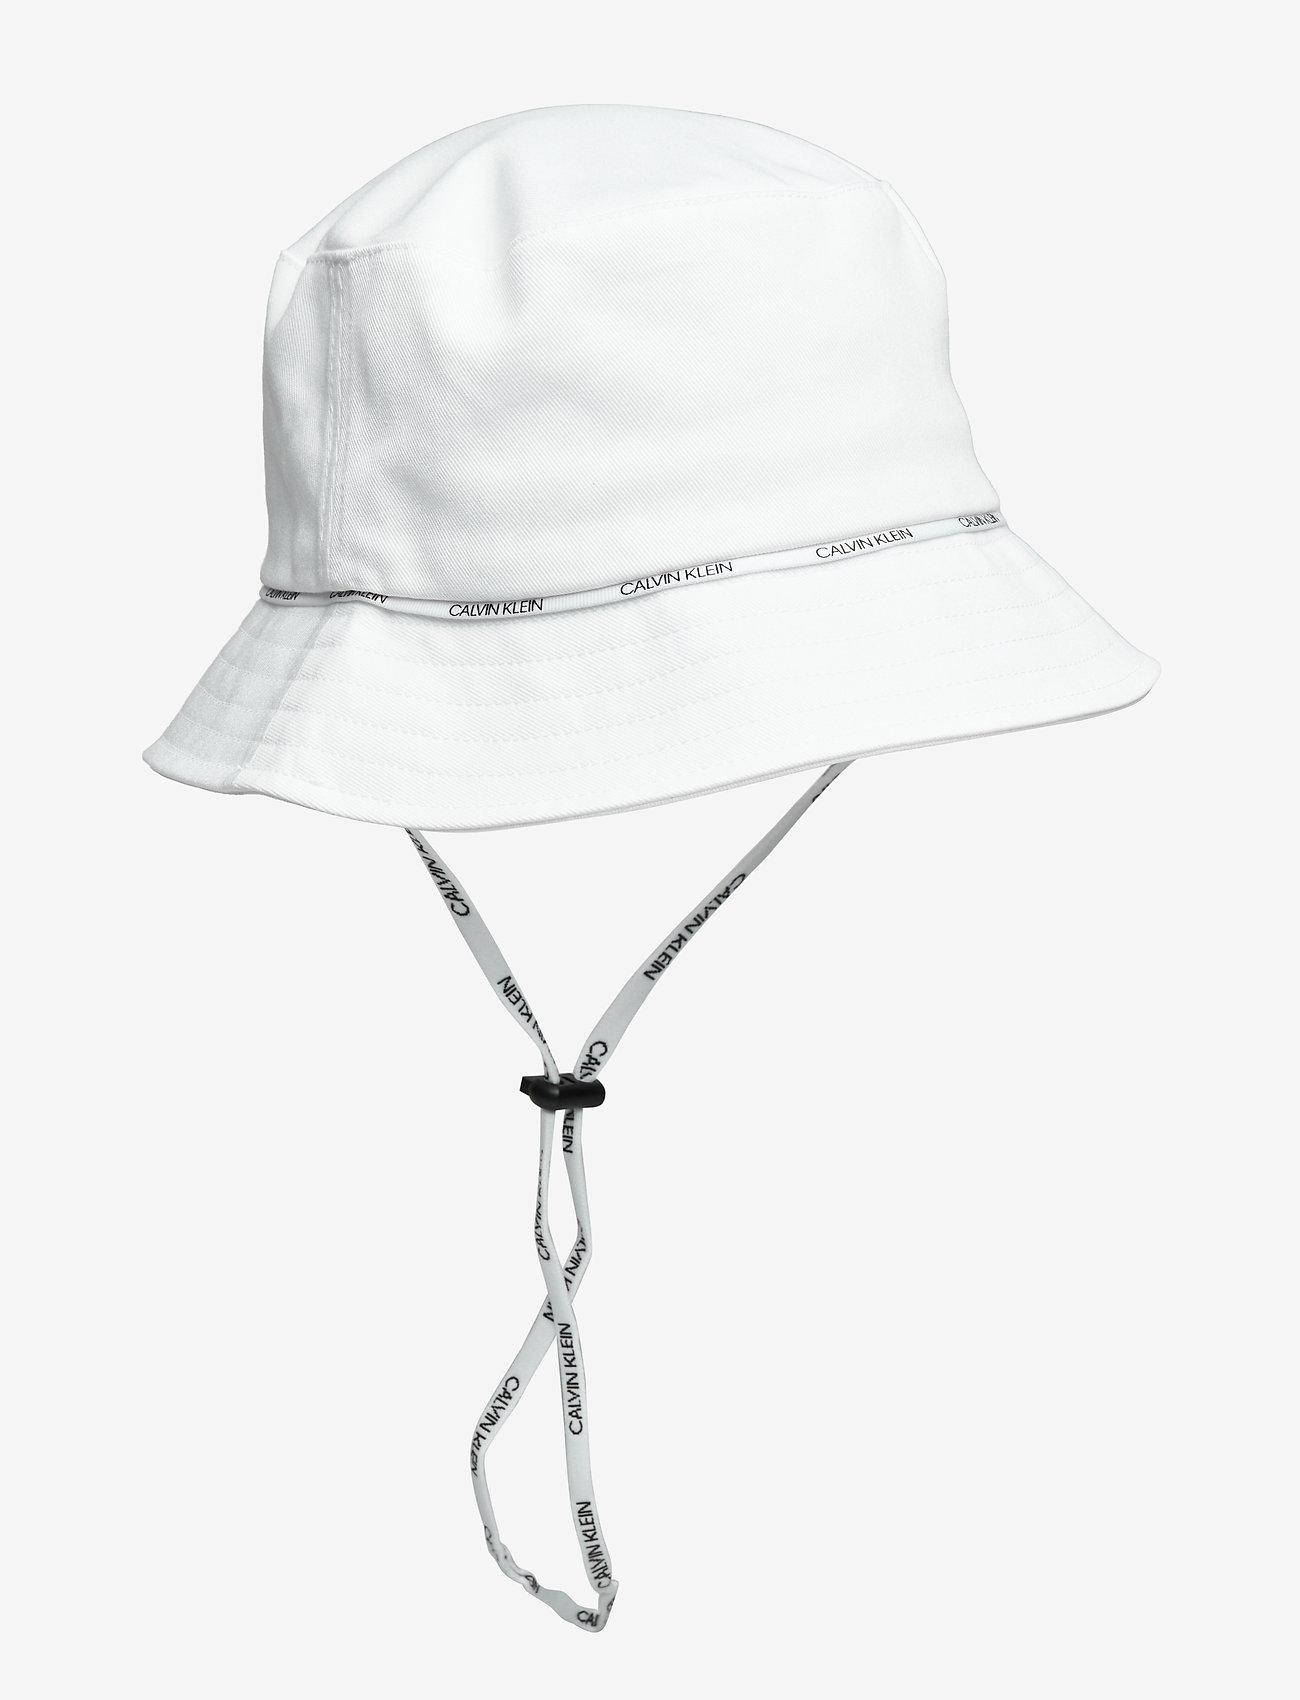 Calvin Klein - BUCKET HAT - bucket hats - pvh classic white - 0